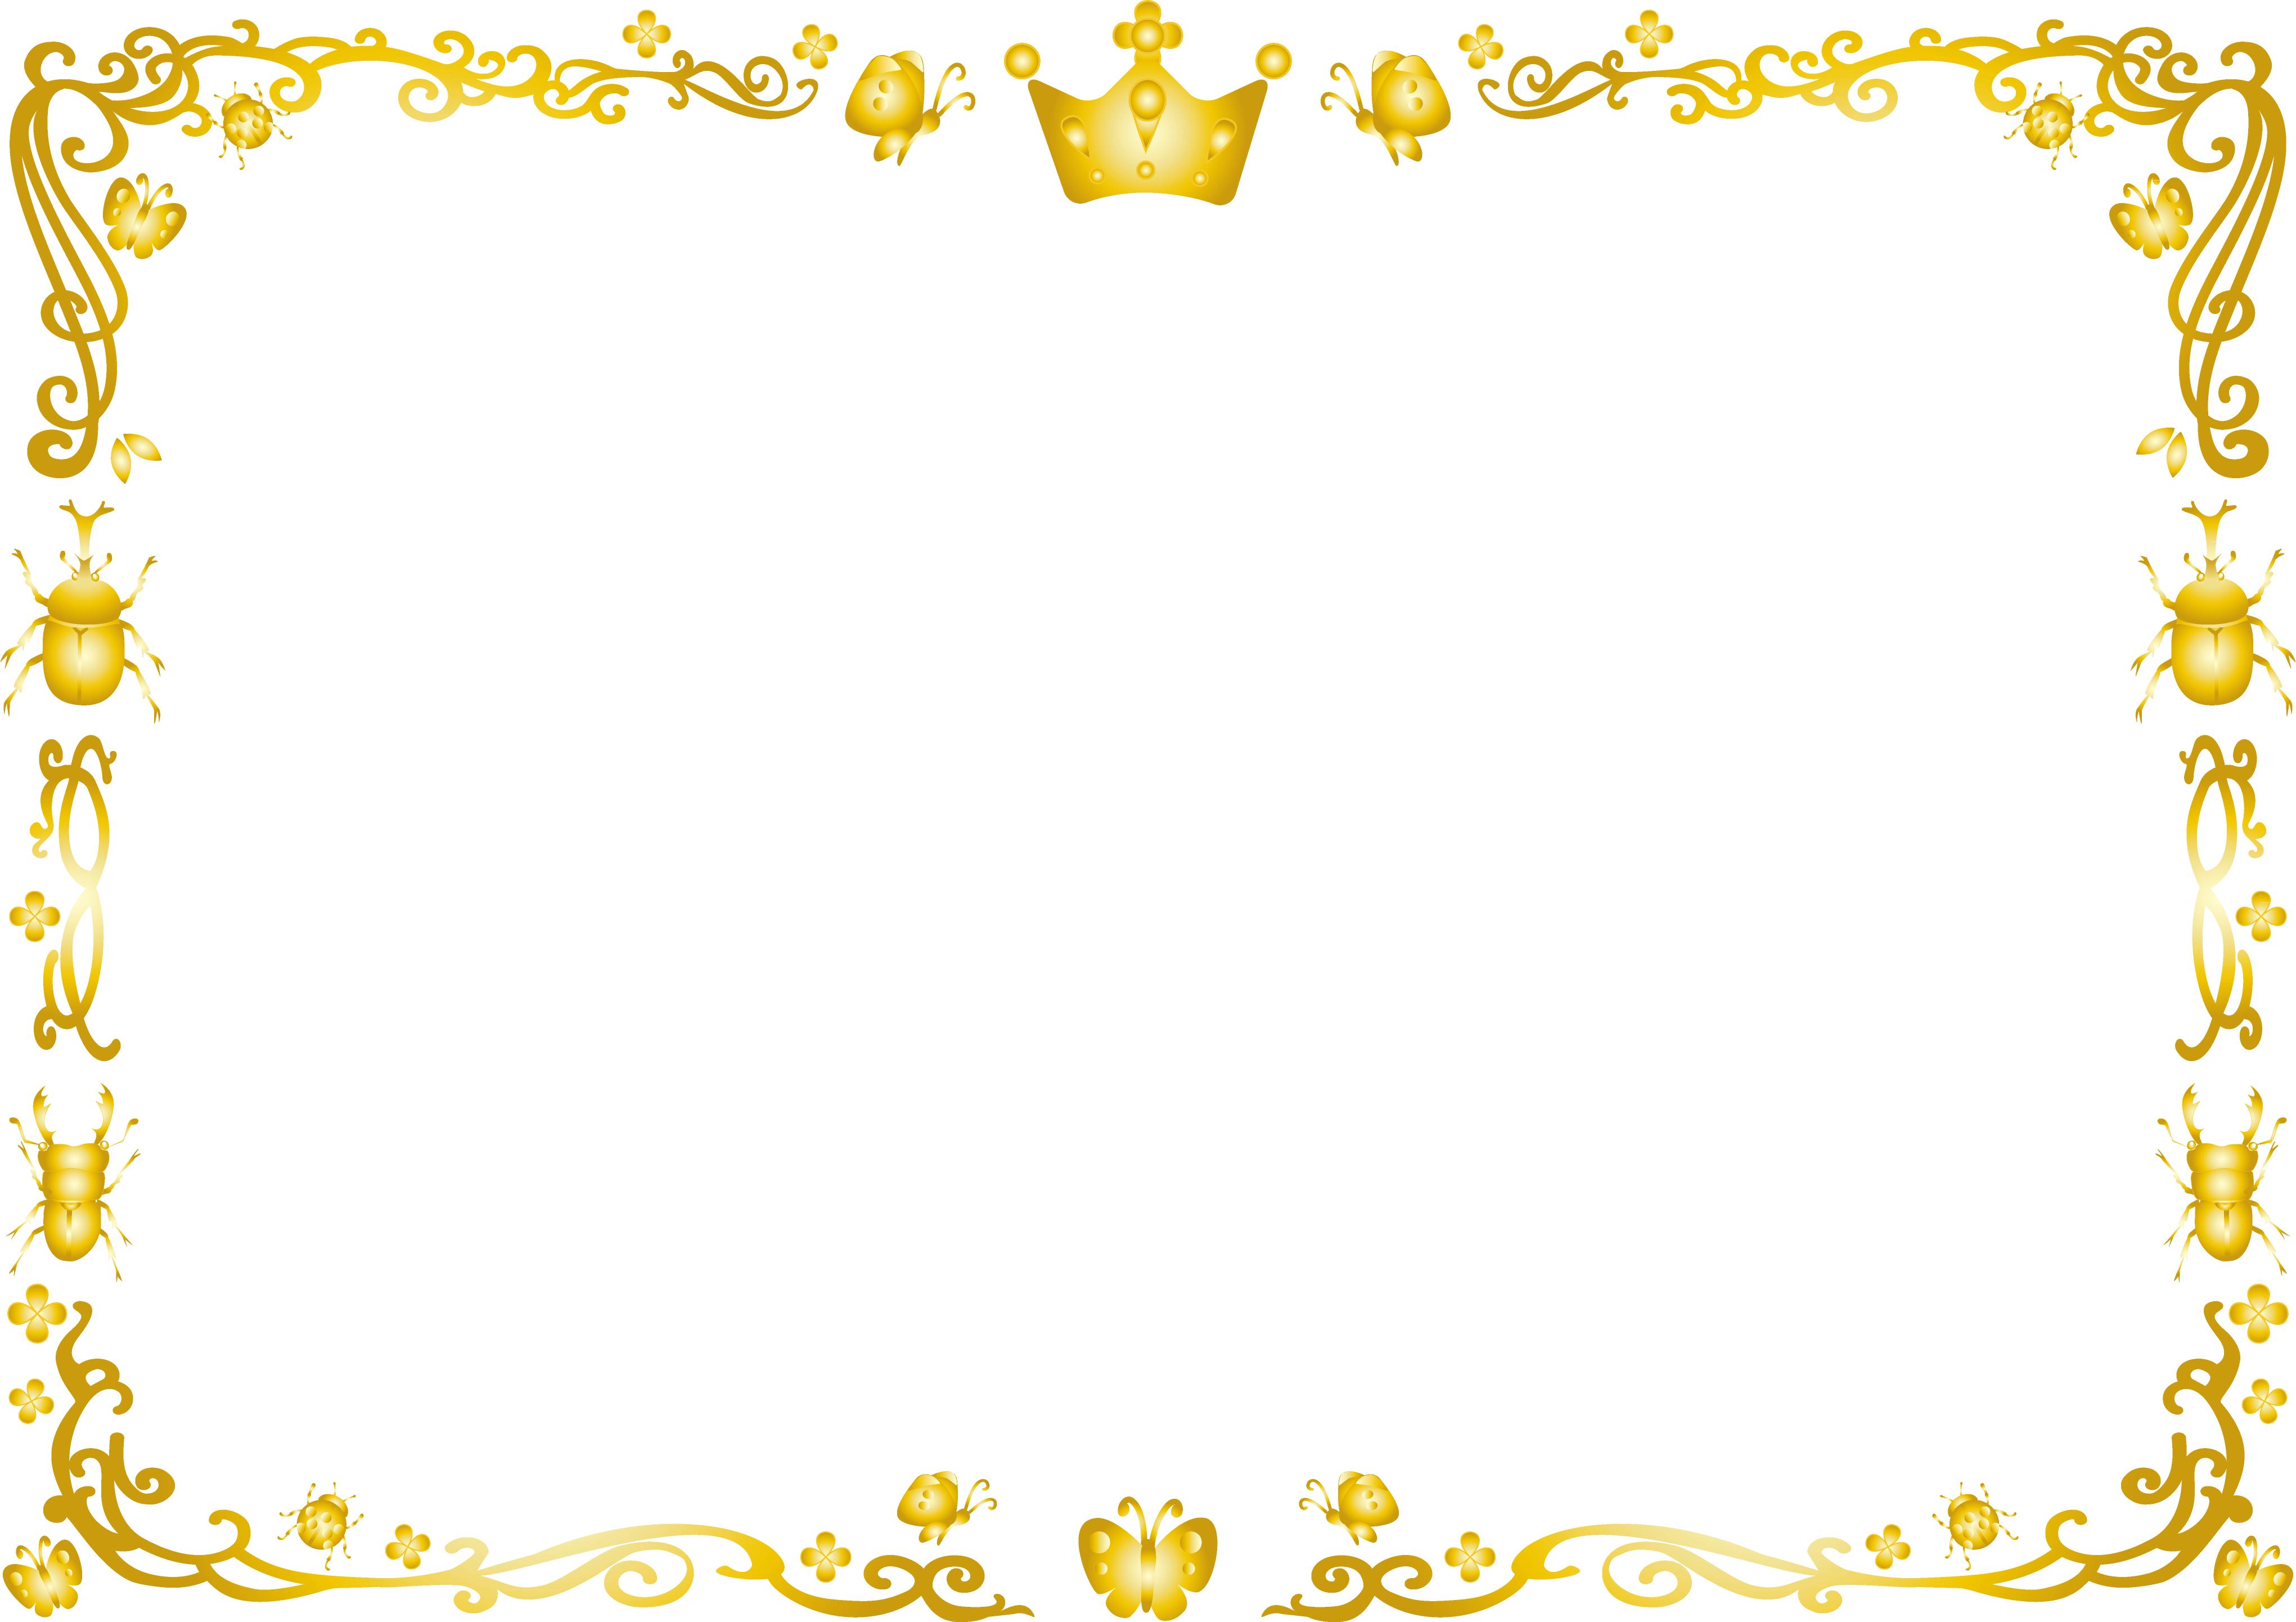 かわいい賞状枠・表彰状 イラストpng画像テンプレート 無料ダウンロード